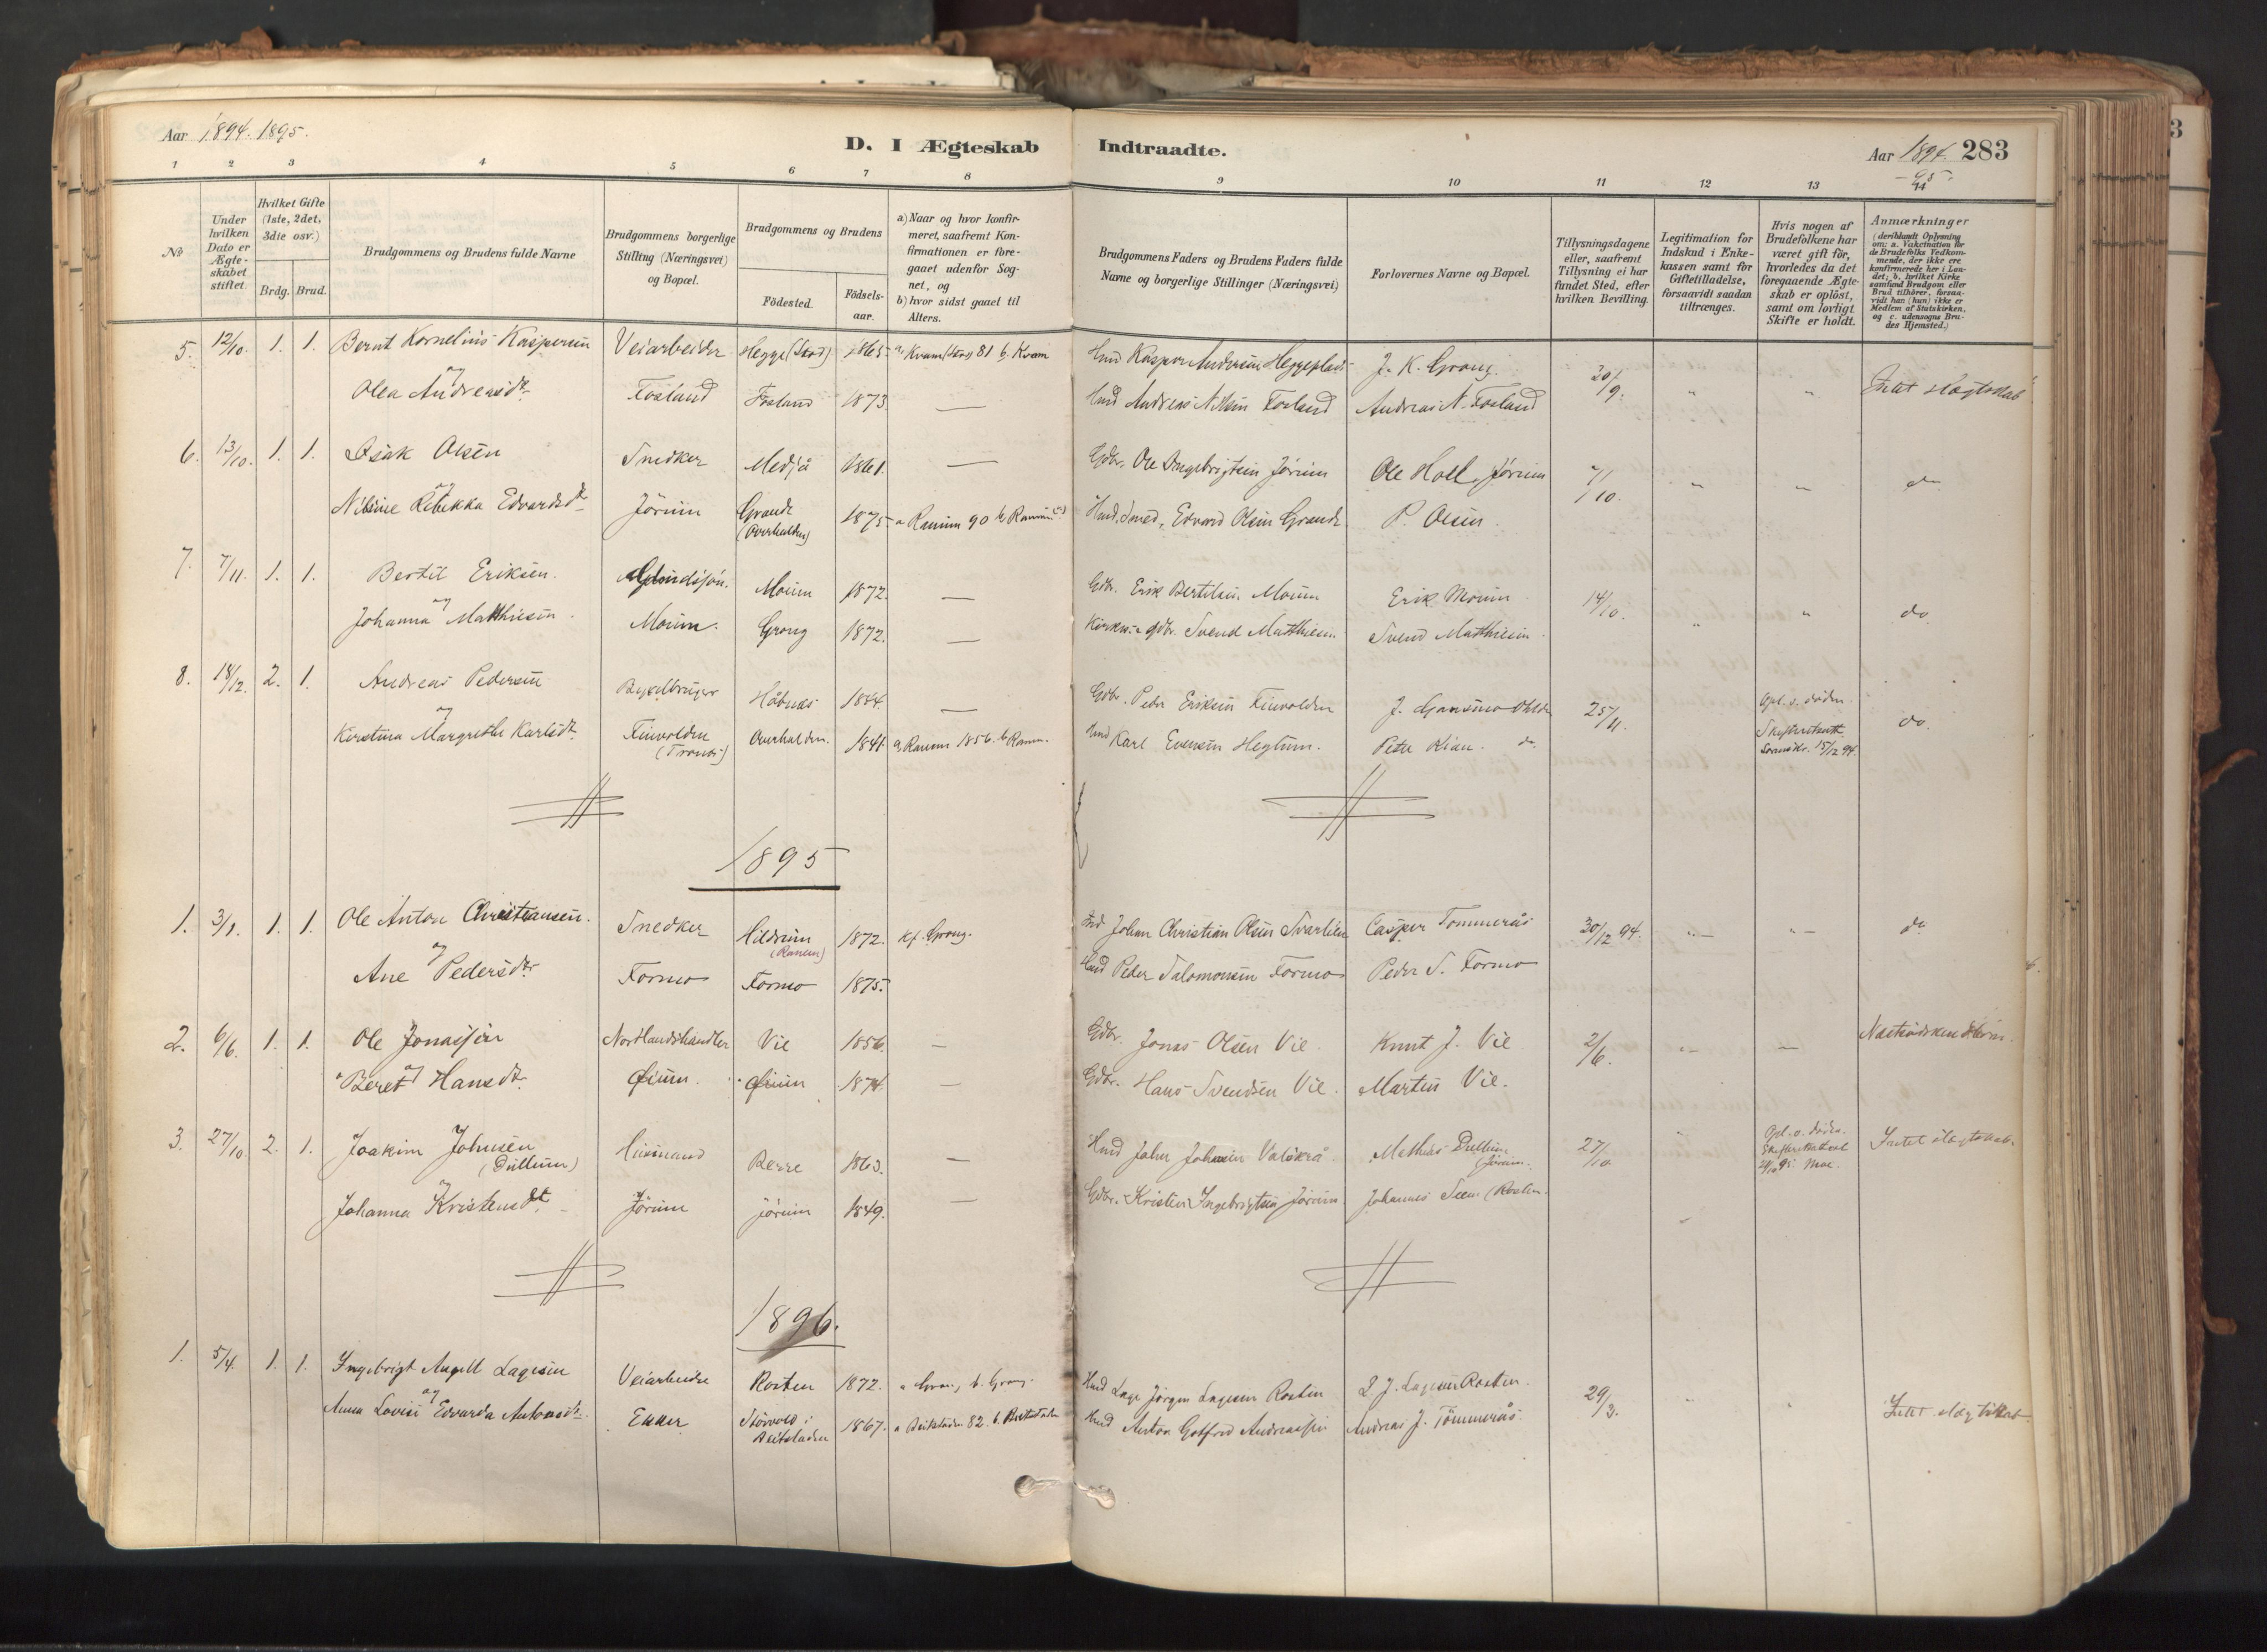 SAT, Ministerialprotokoller, klokkerbøker og fødselsregistre - Nord-Trøndelag, 758/L0519: Ministerialbok nr. 758A04, 1880-1926, s. 283